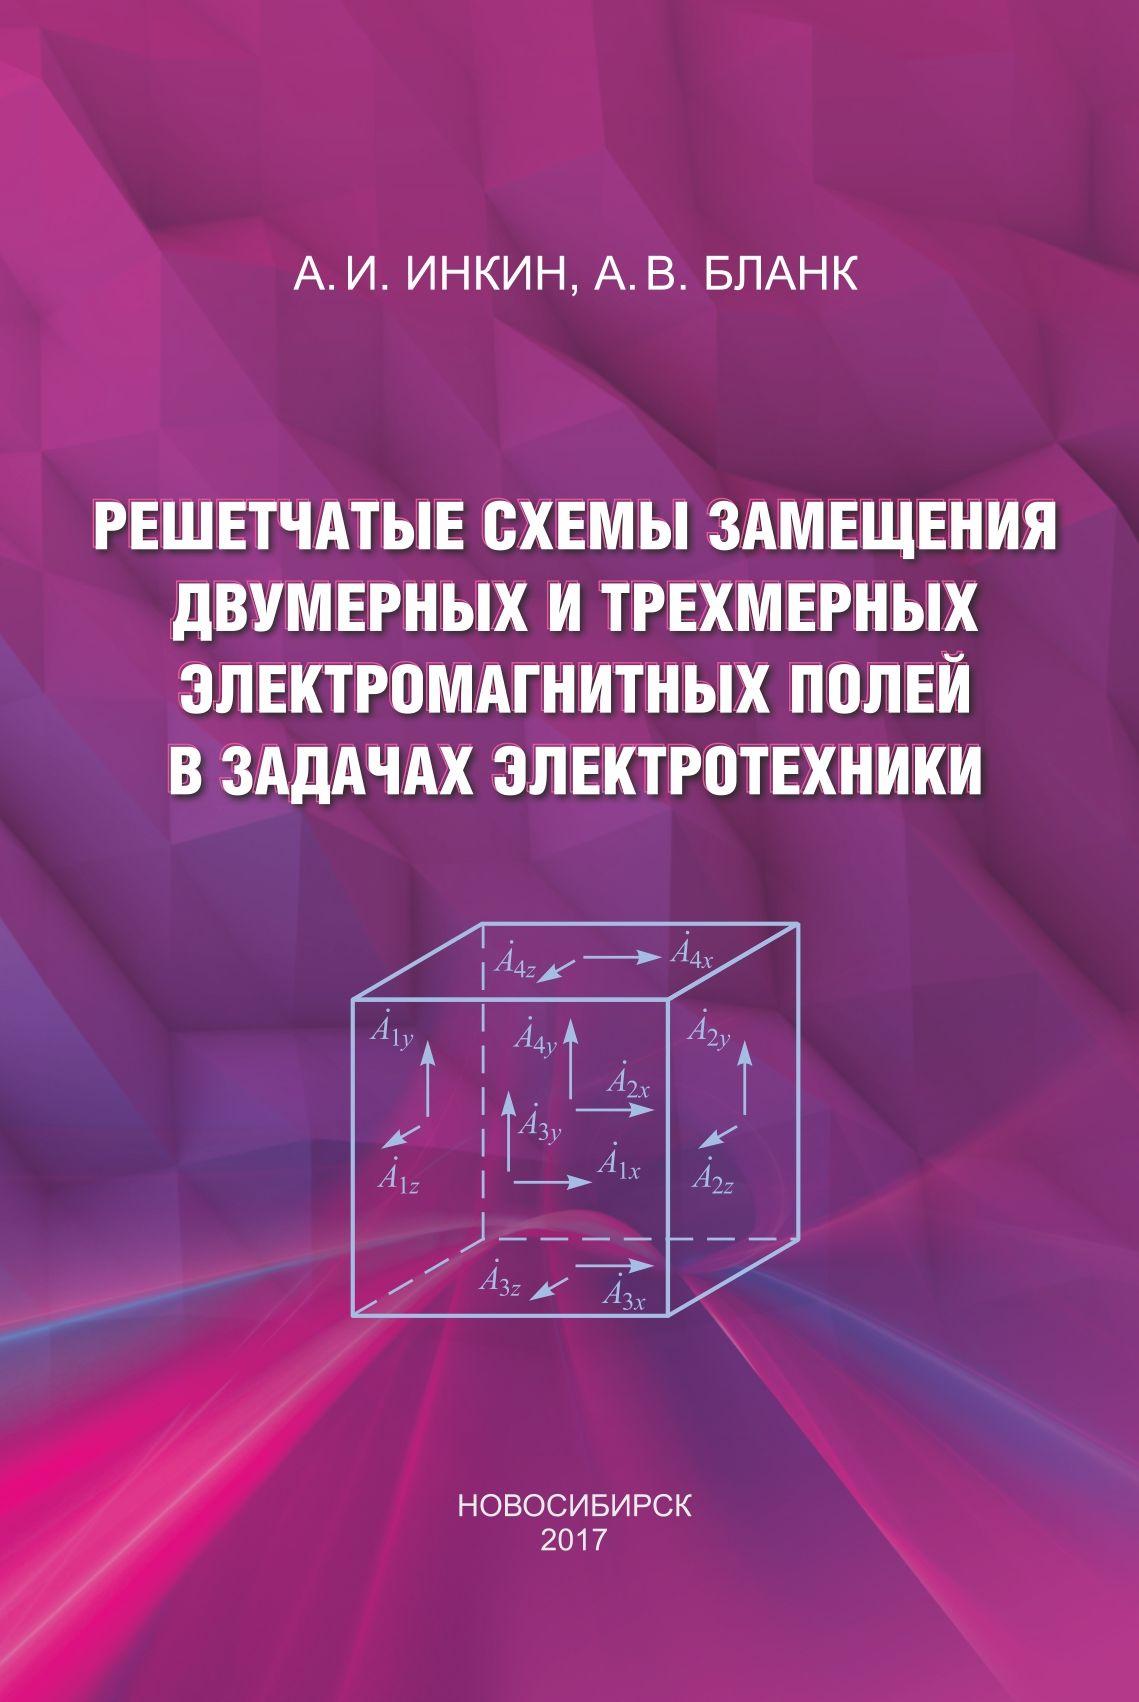 А. И. Инкин Решетчатые схемы замещения двумерных и трехмерных электромагнитных полей в задачах электротехники с м аполлонский моделирование и расчёт электромагнитных полей в технических устройствах том i